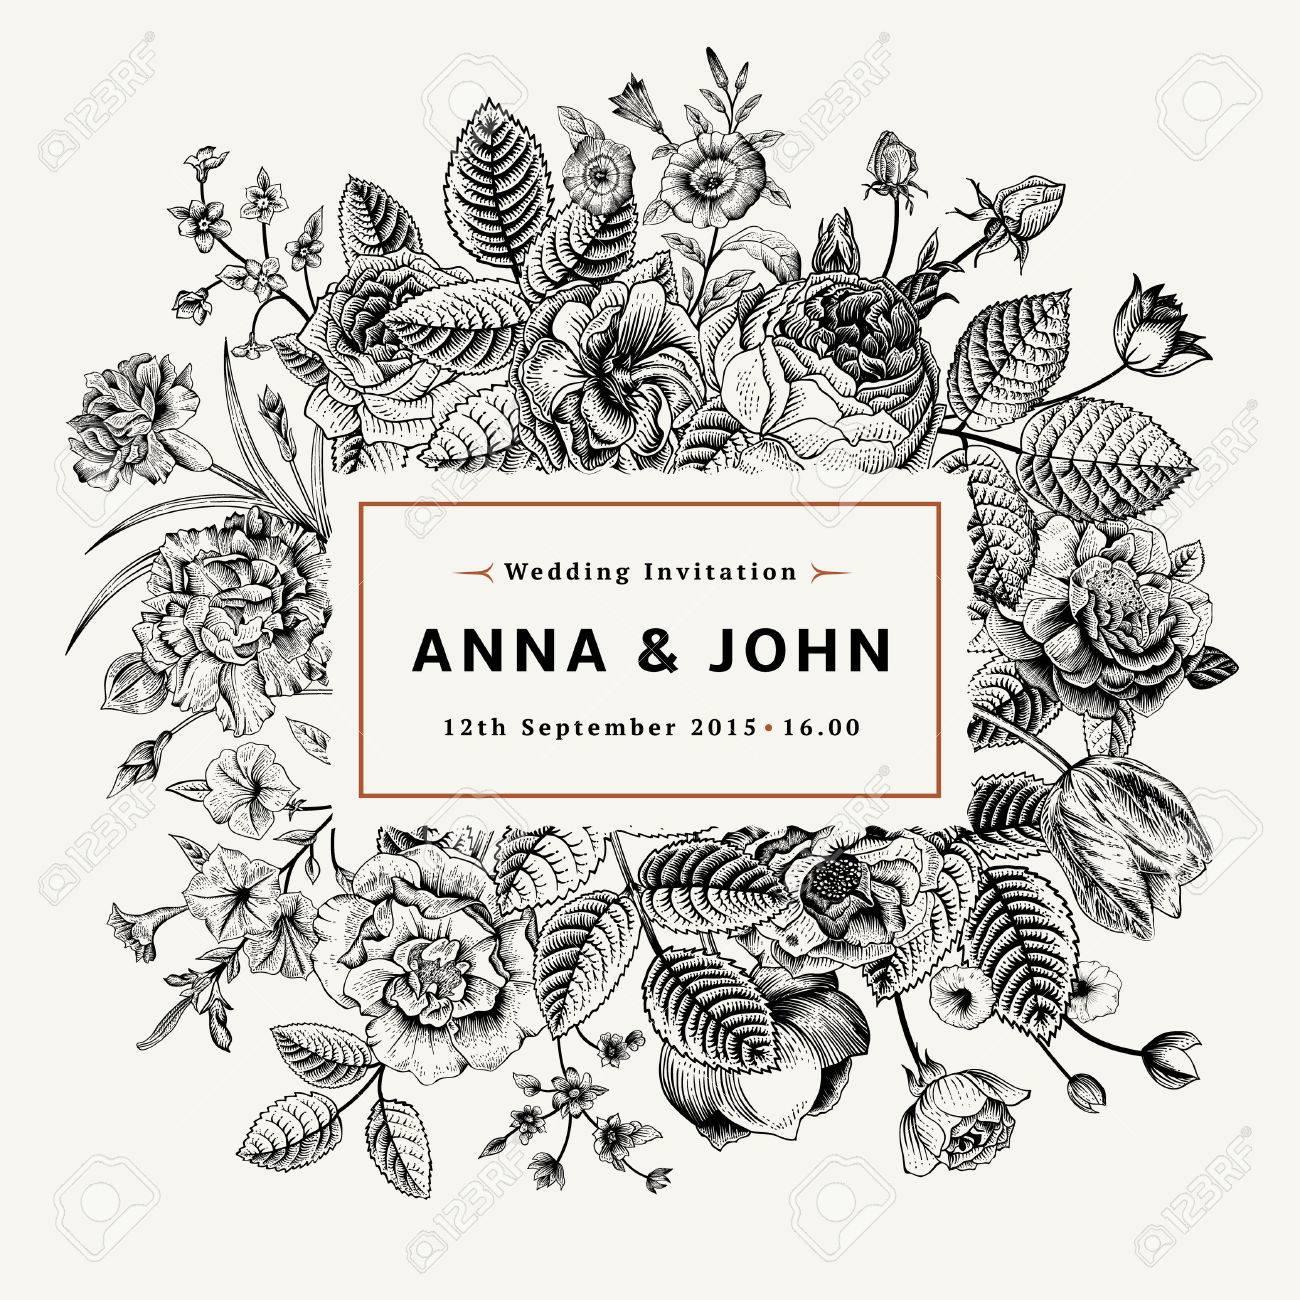 Vintage Elegant Wedding Invitation With Summer Flowers Black